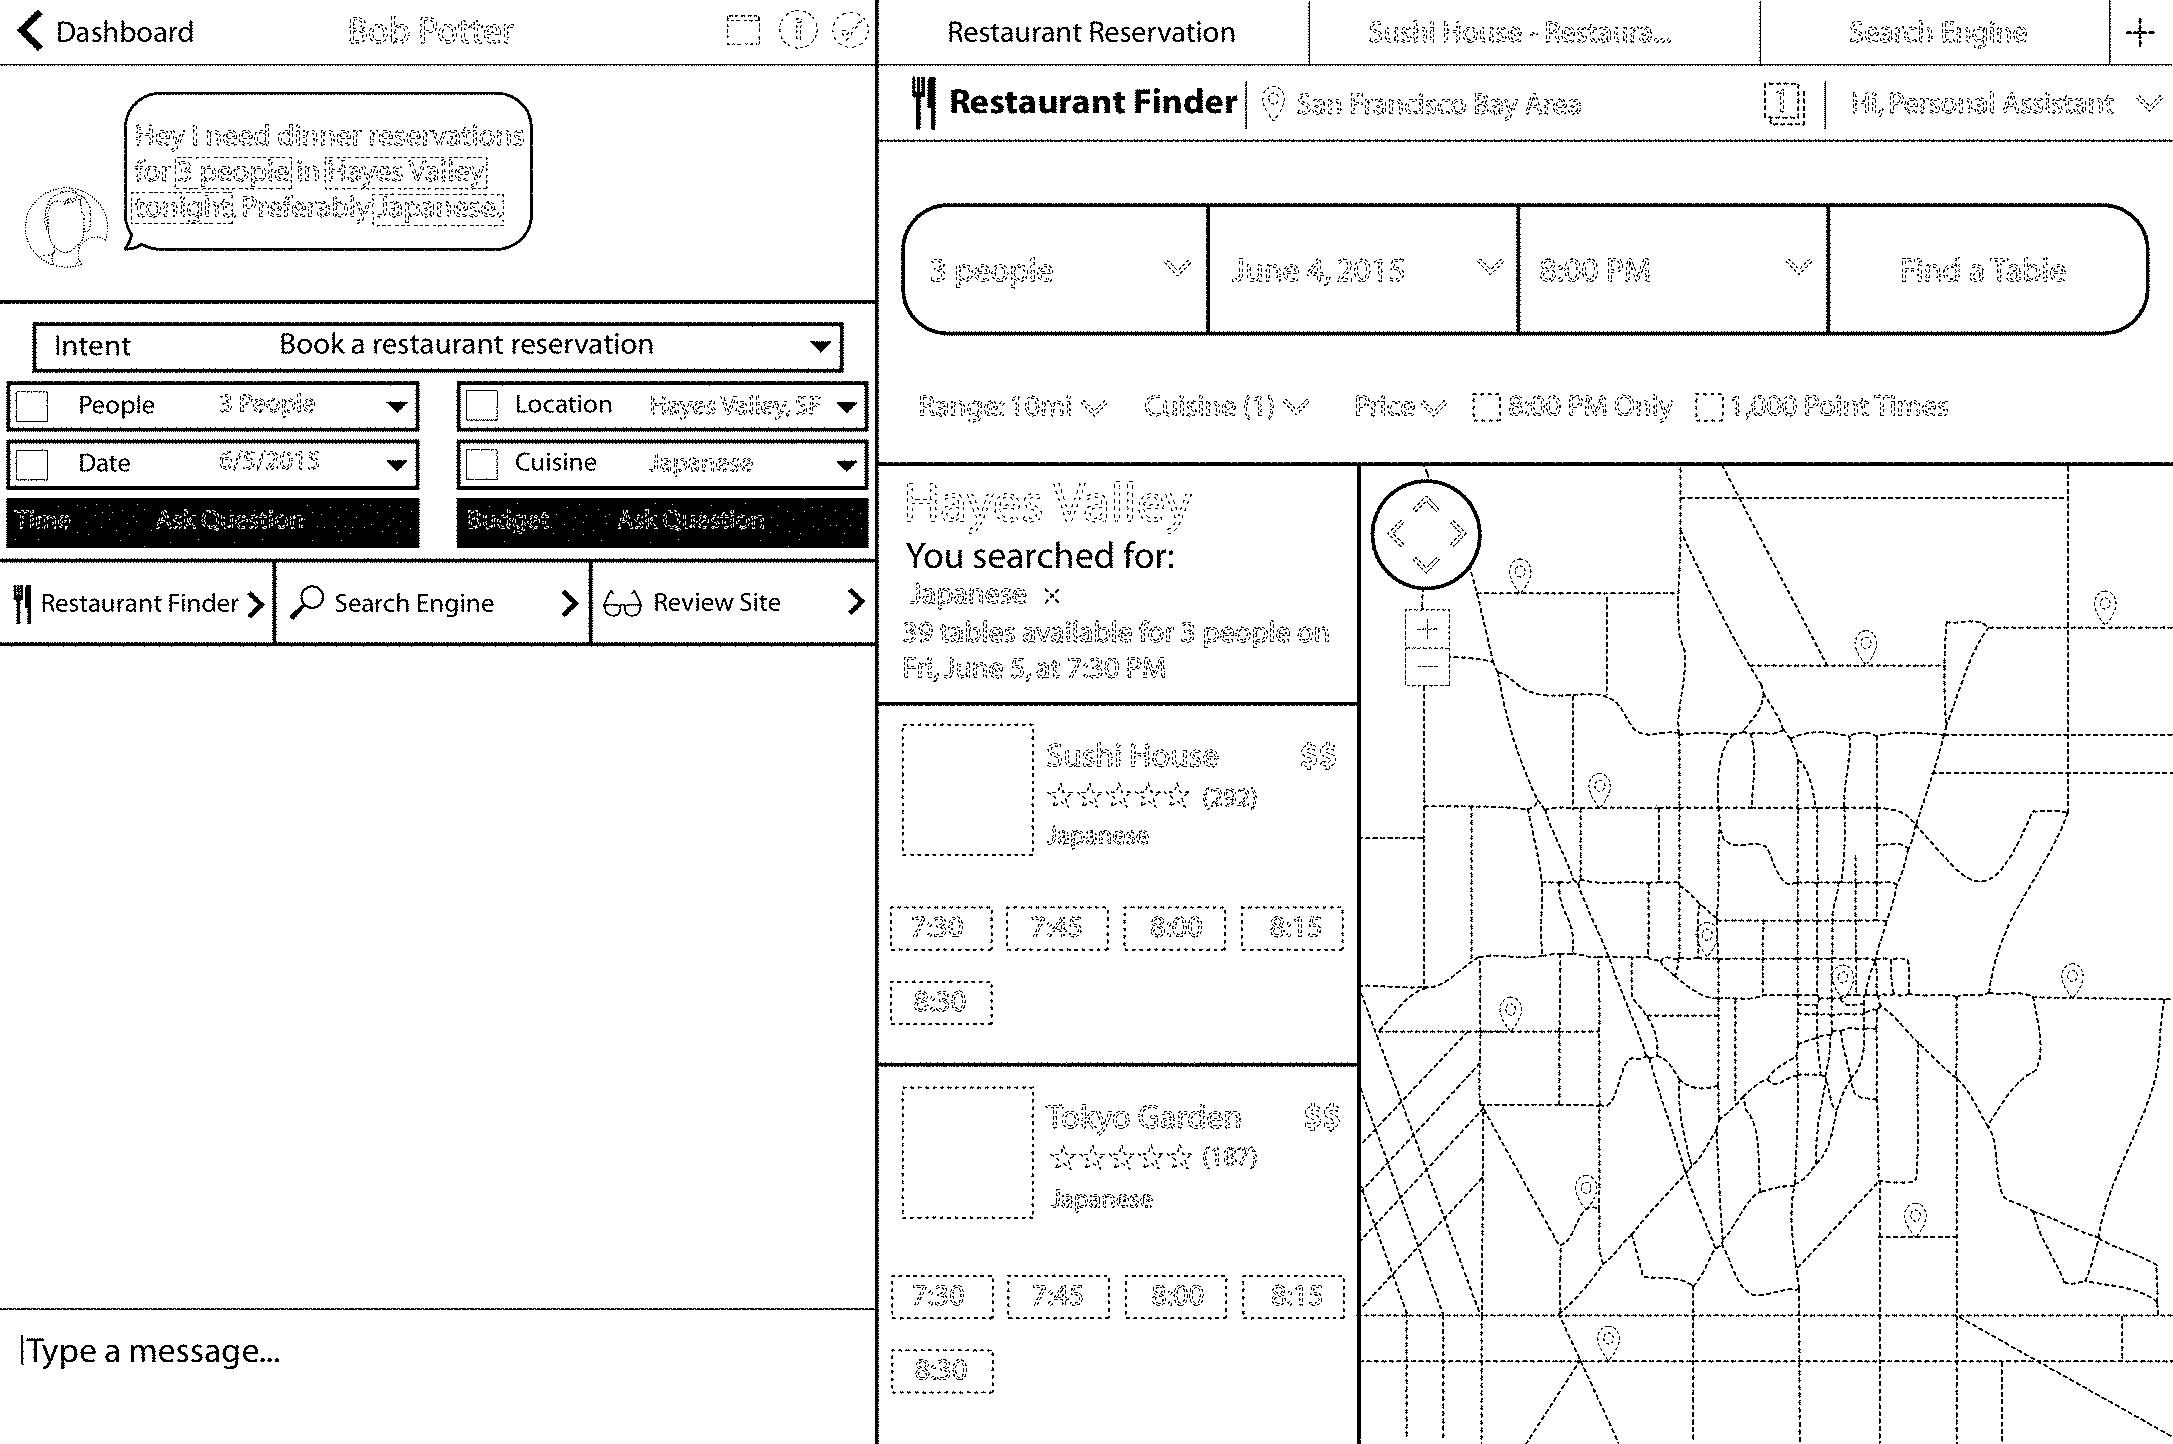 У Фейсбука есть патент на интерфейс окна переписки пользователя с рестораном. Неизвестно, появится такая функция или нет, но дизайн уже запатентовали